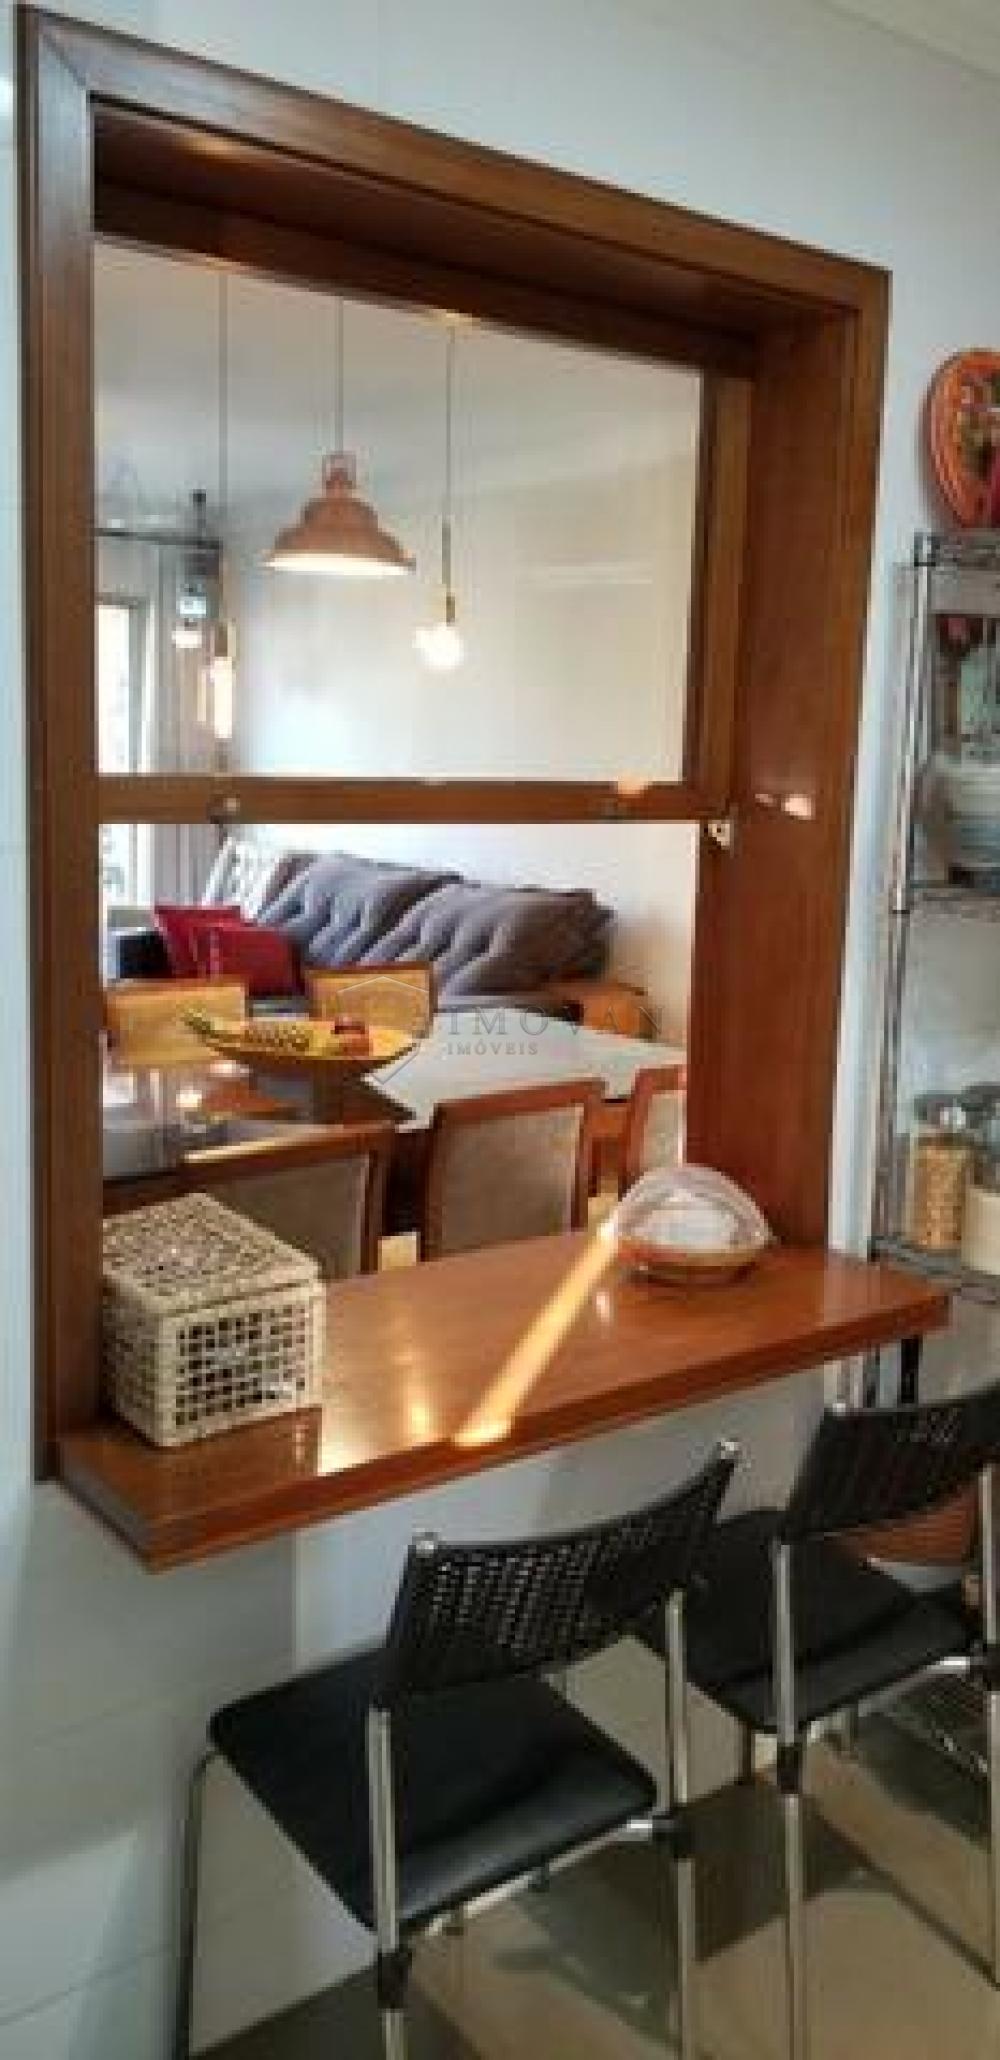 Comprar Apartamento / Padrão em Ribeirão Preto apenas R$ 485.000,00 - Foto 16